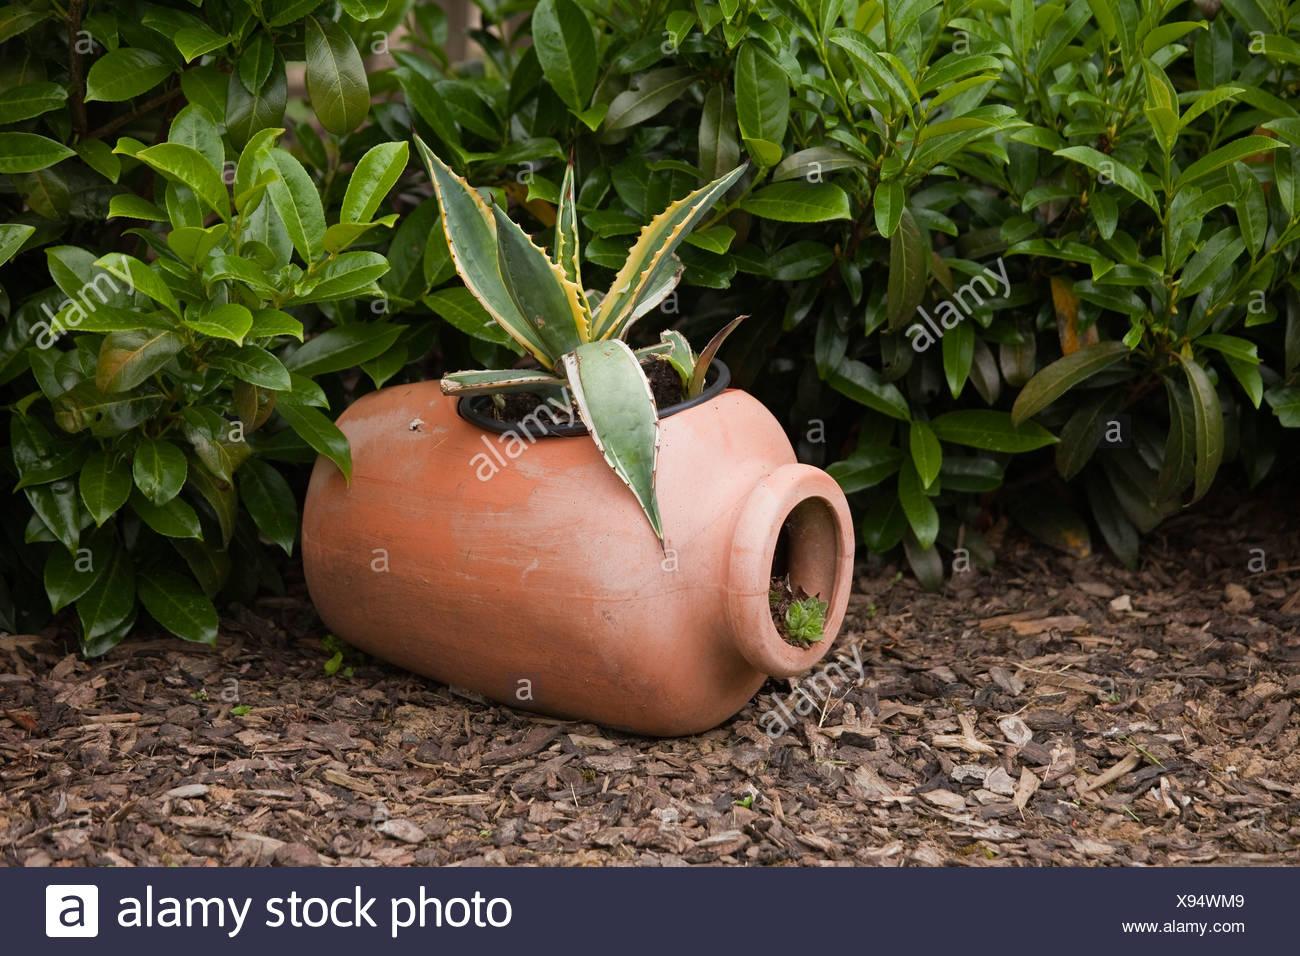 Anfore Con Fiori.Anfora Con Un Fiore Giardino Decorazione Foto Immagine